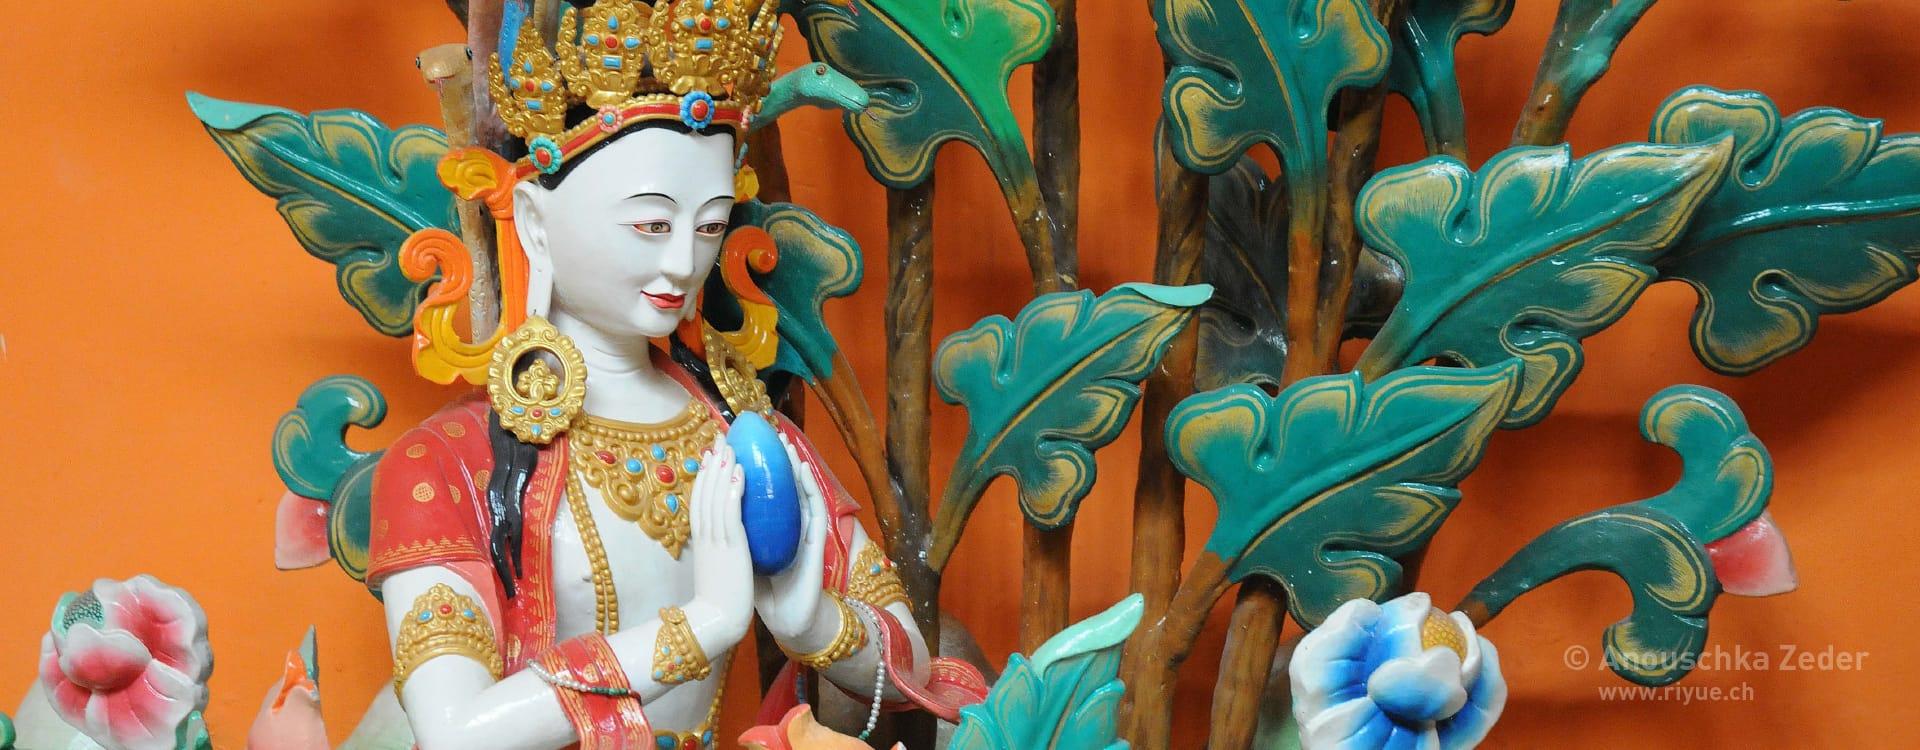 riyue – TCM Traditionelle Chinesische Medizin – Buddha Ladakh